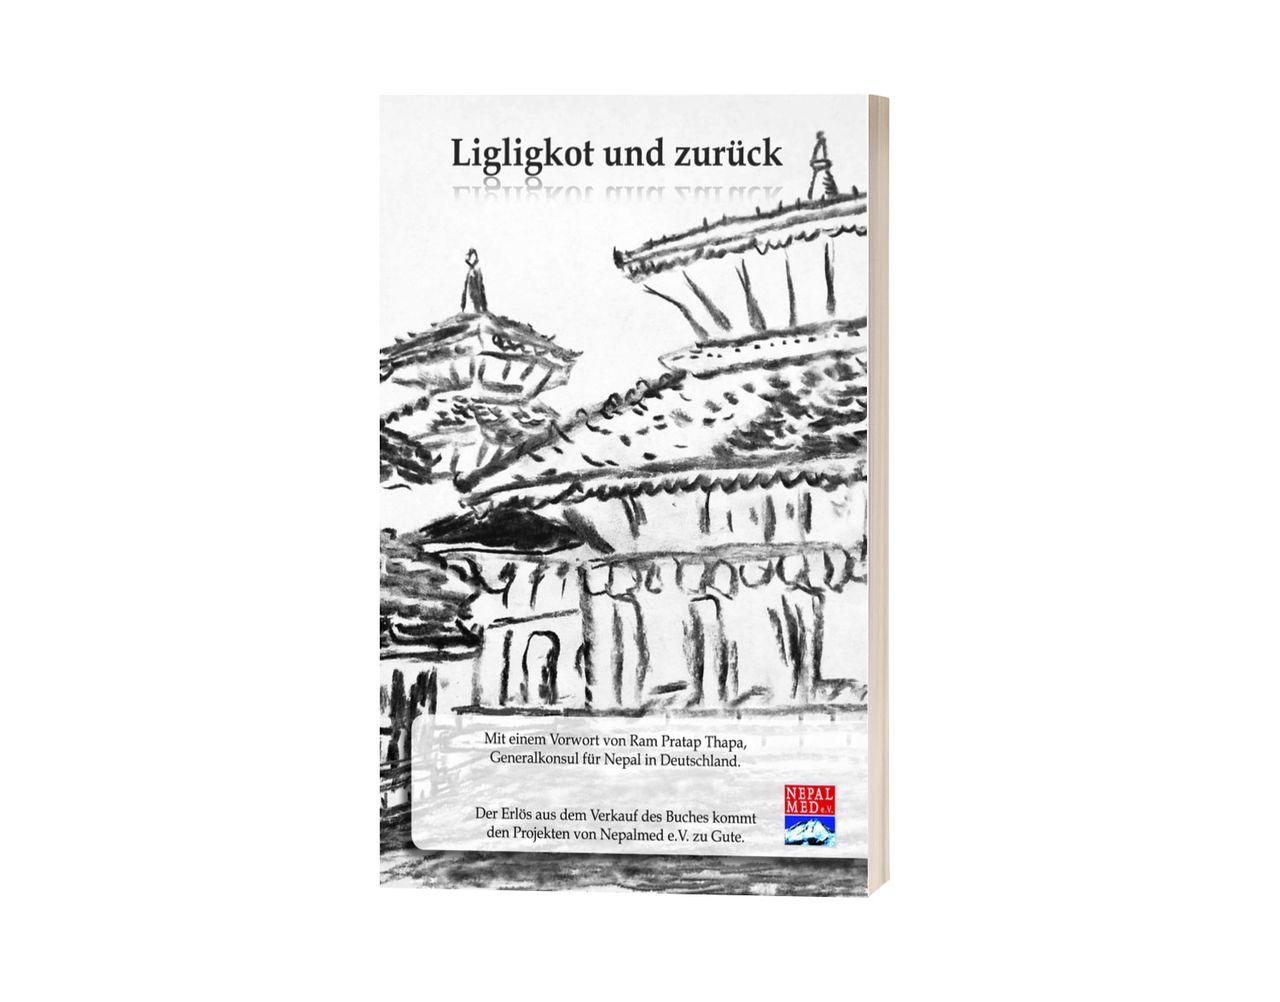 Liglikot und zurück - Kurzgeschichten aus Nepal